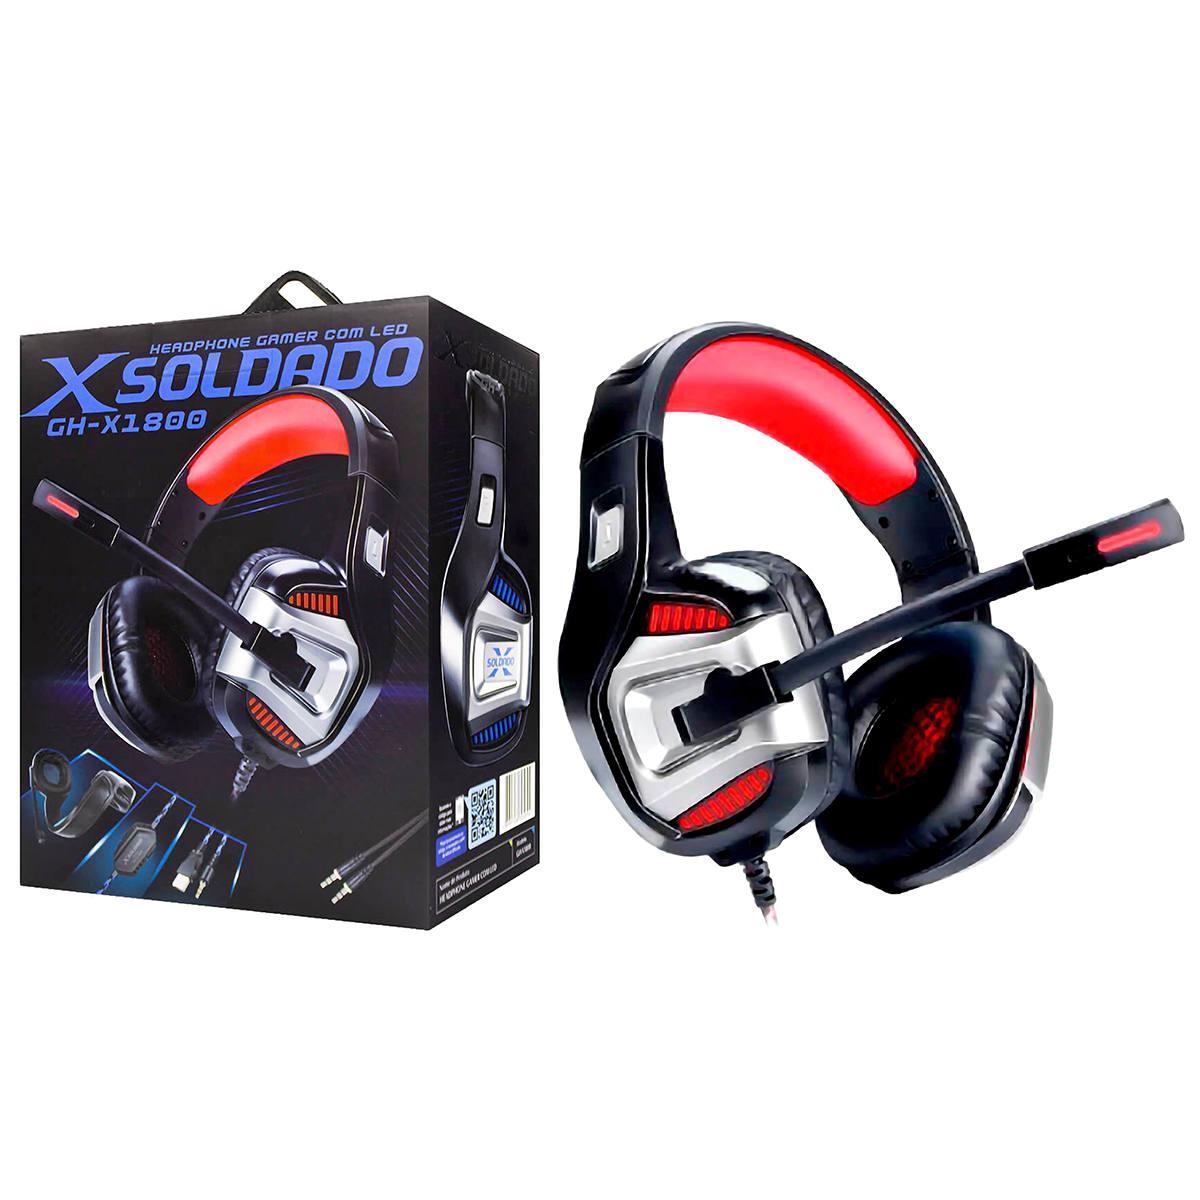 Headset Gamer Flexível 7.1 Surround para Ps4/PC/Celular com Microfone Articulado Infokit GH-X1800 Vermelho